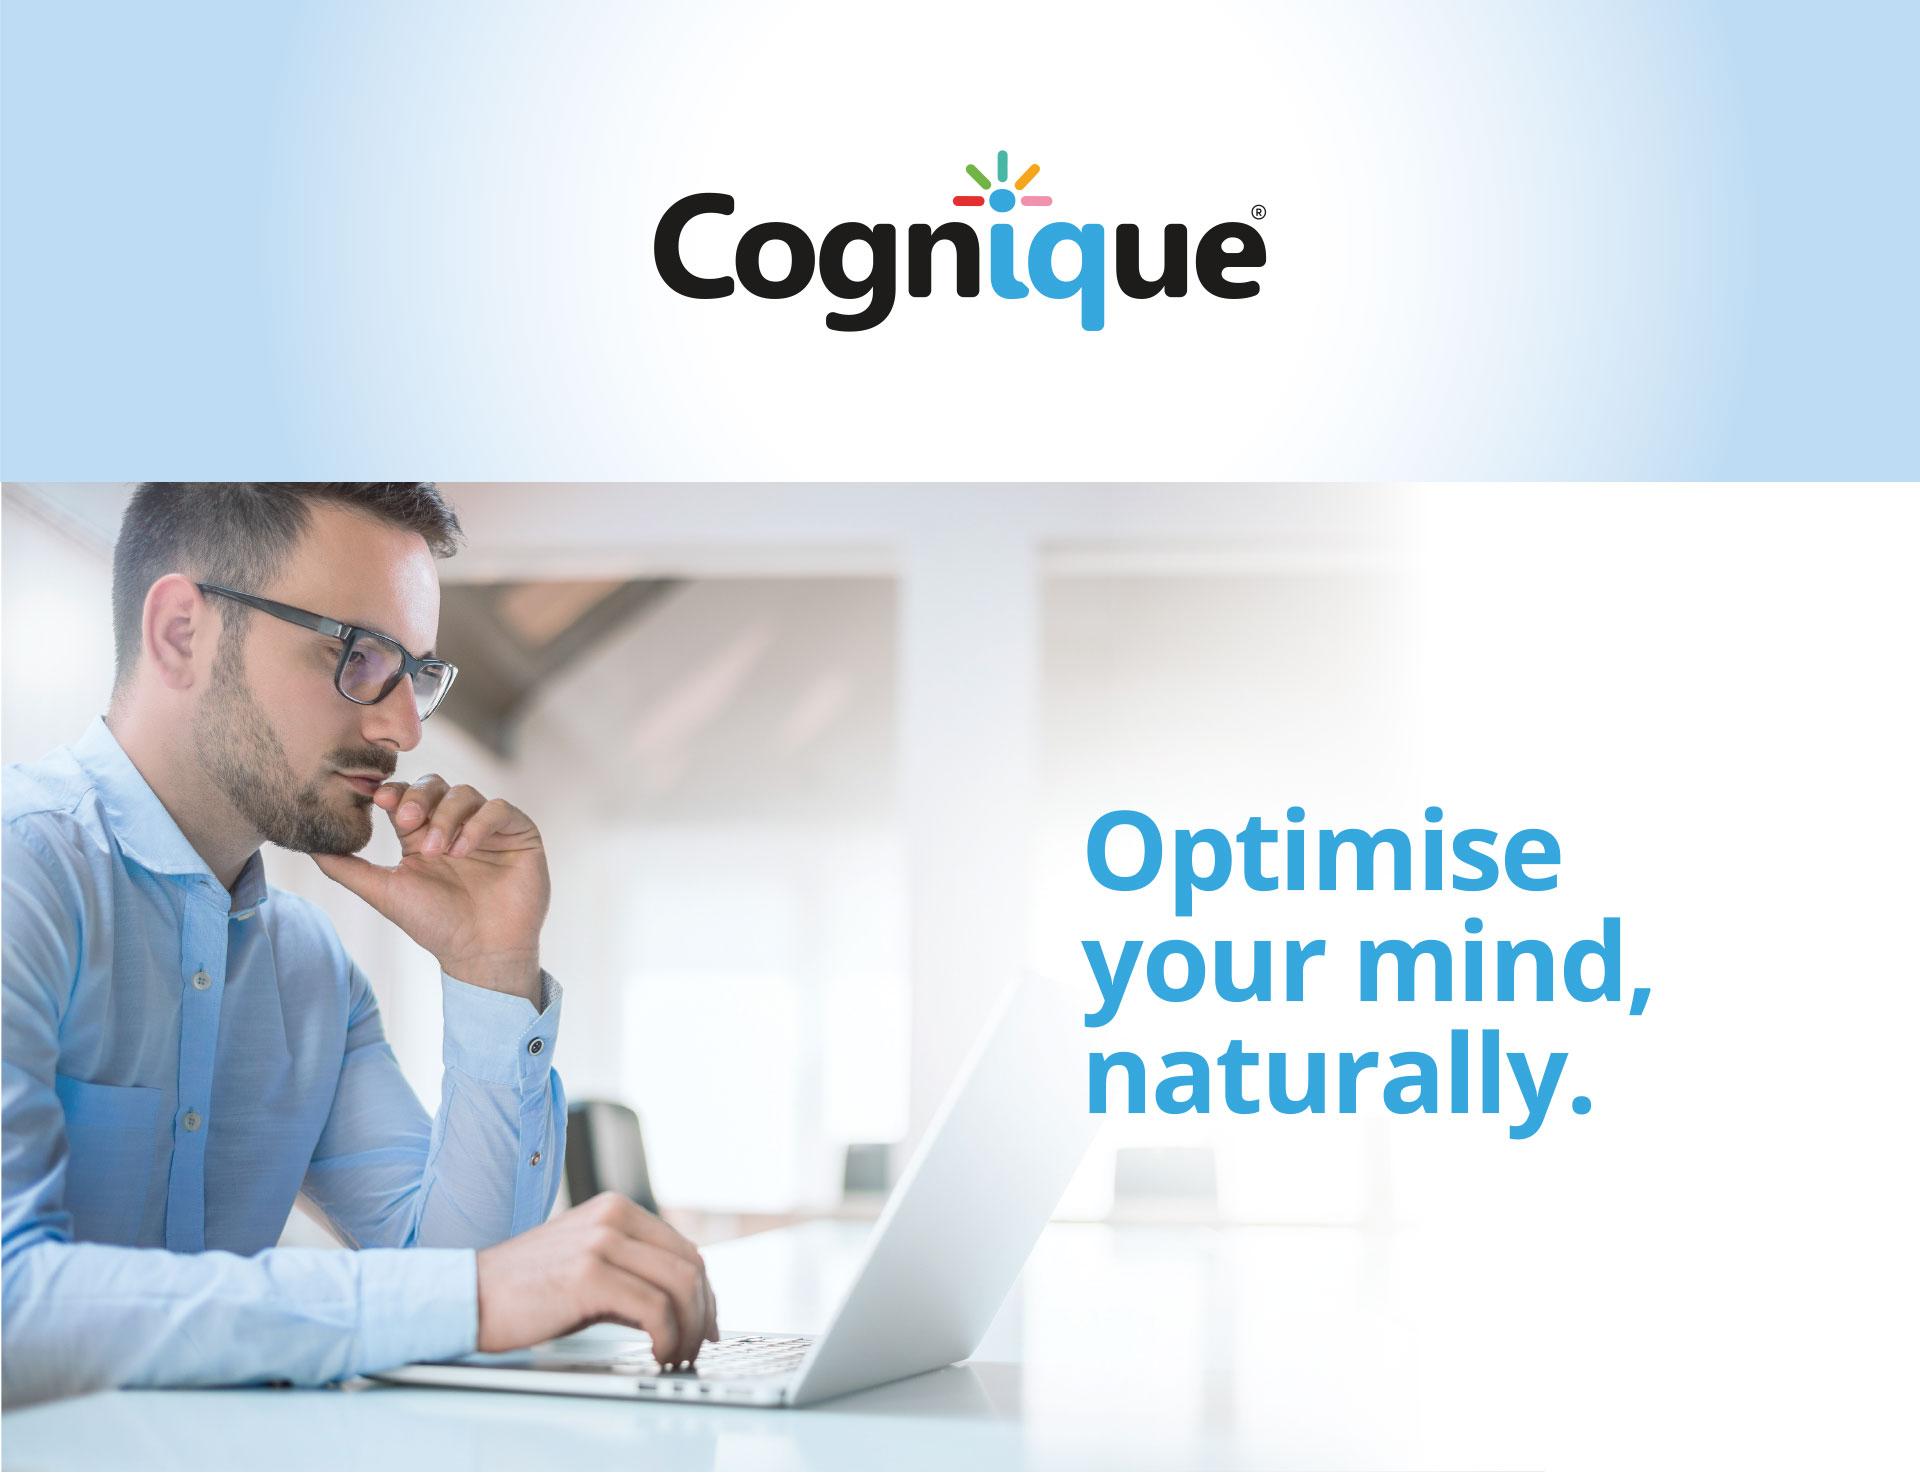 Product Cognique